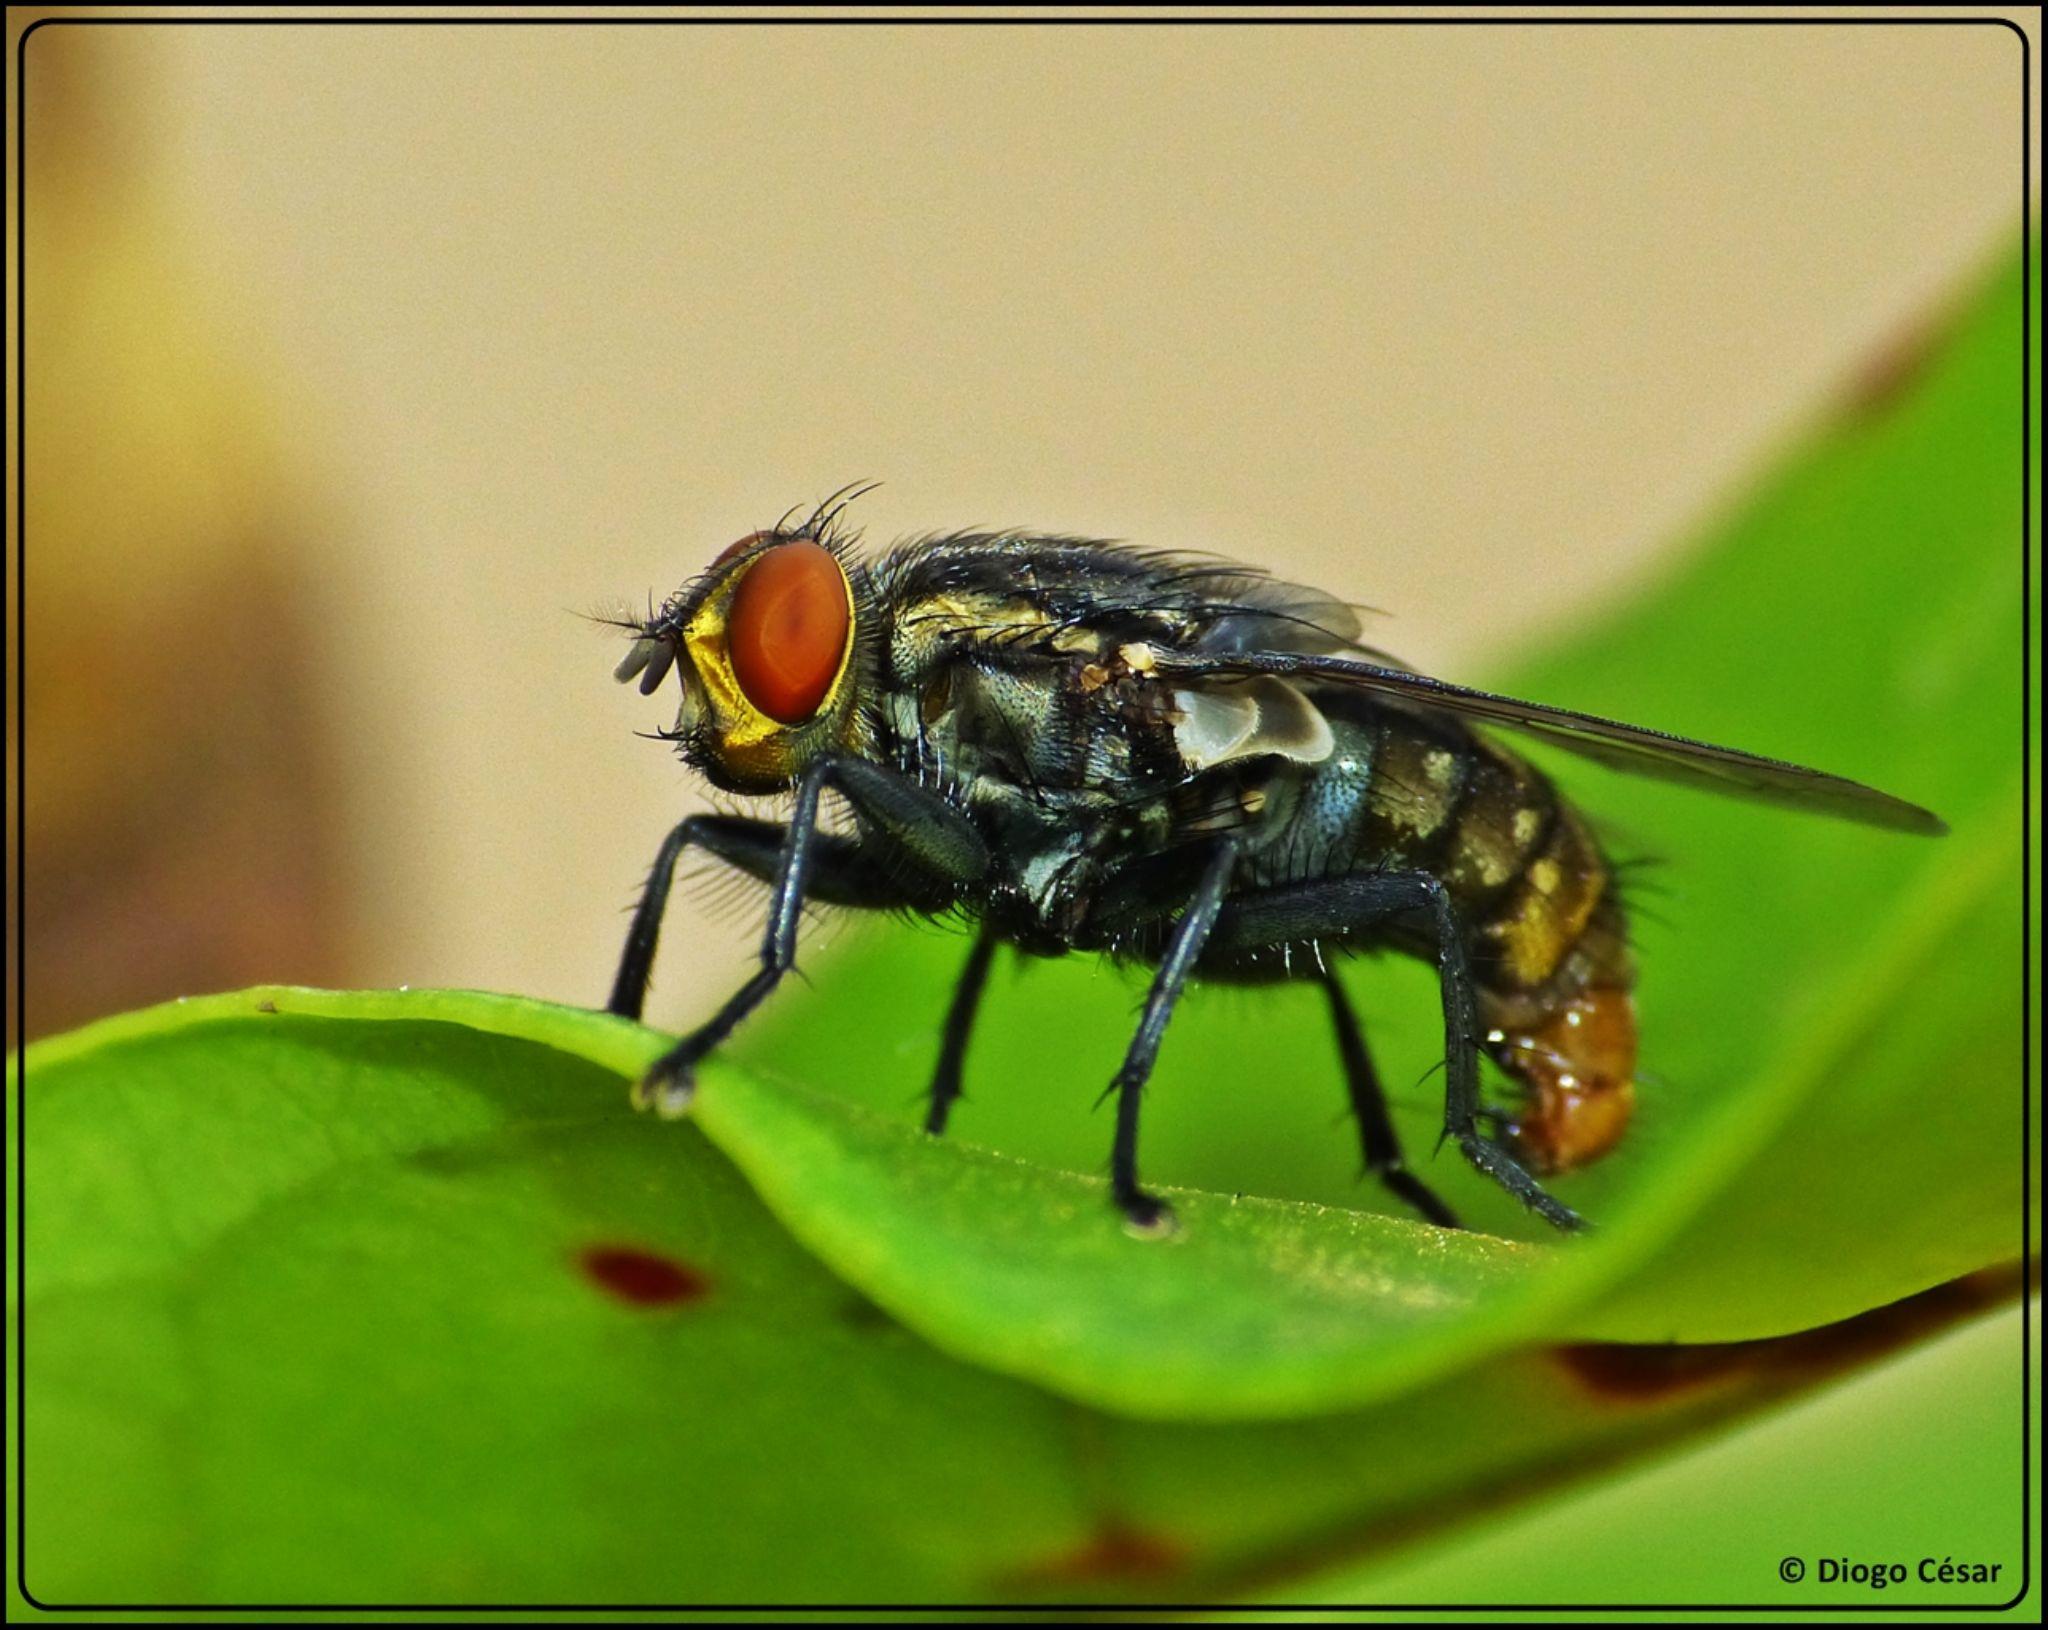 Macro fly by Diogo César